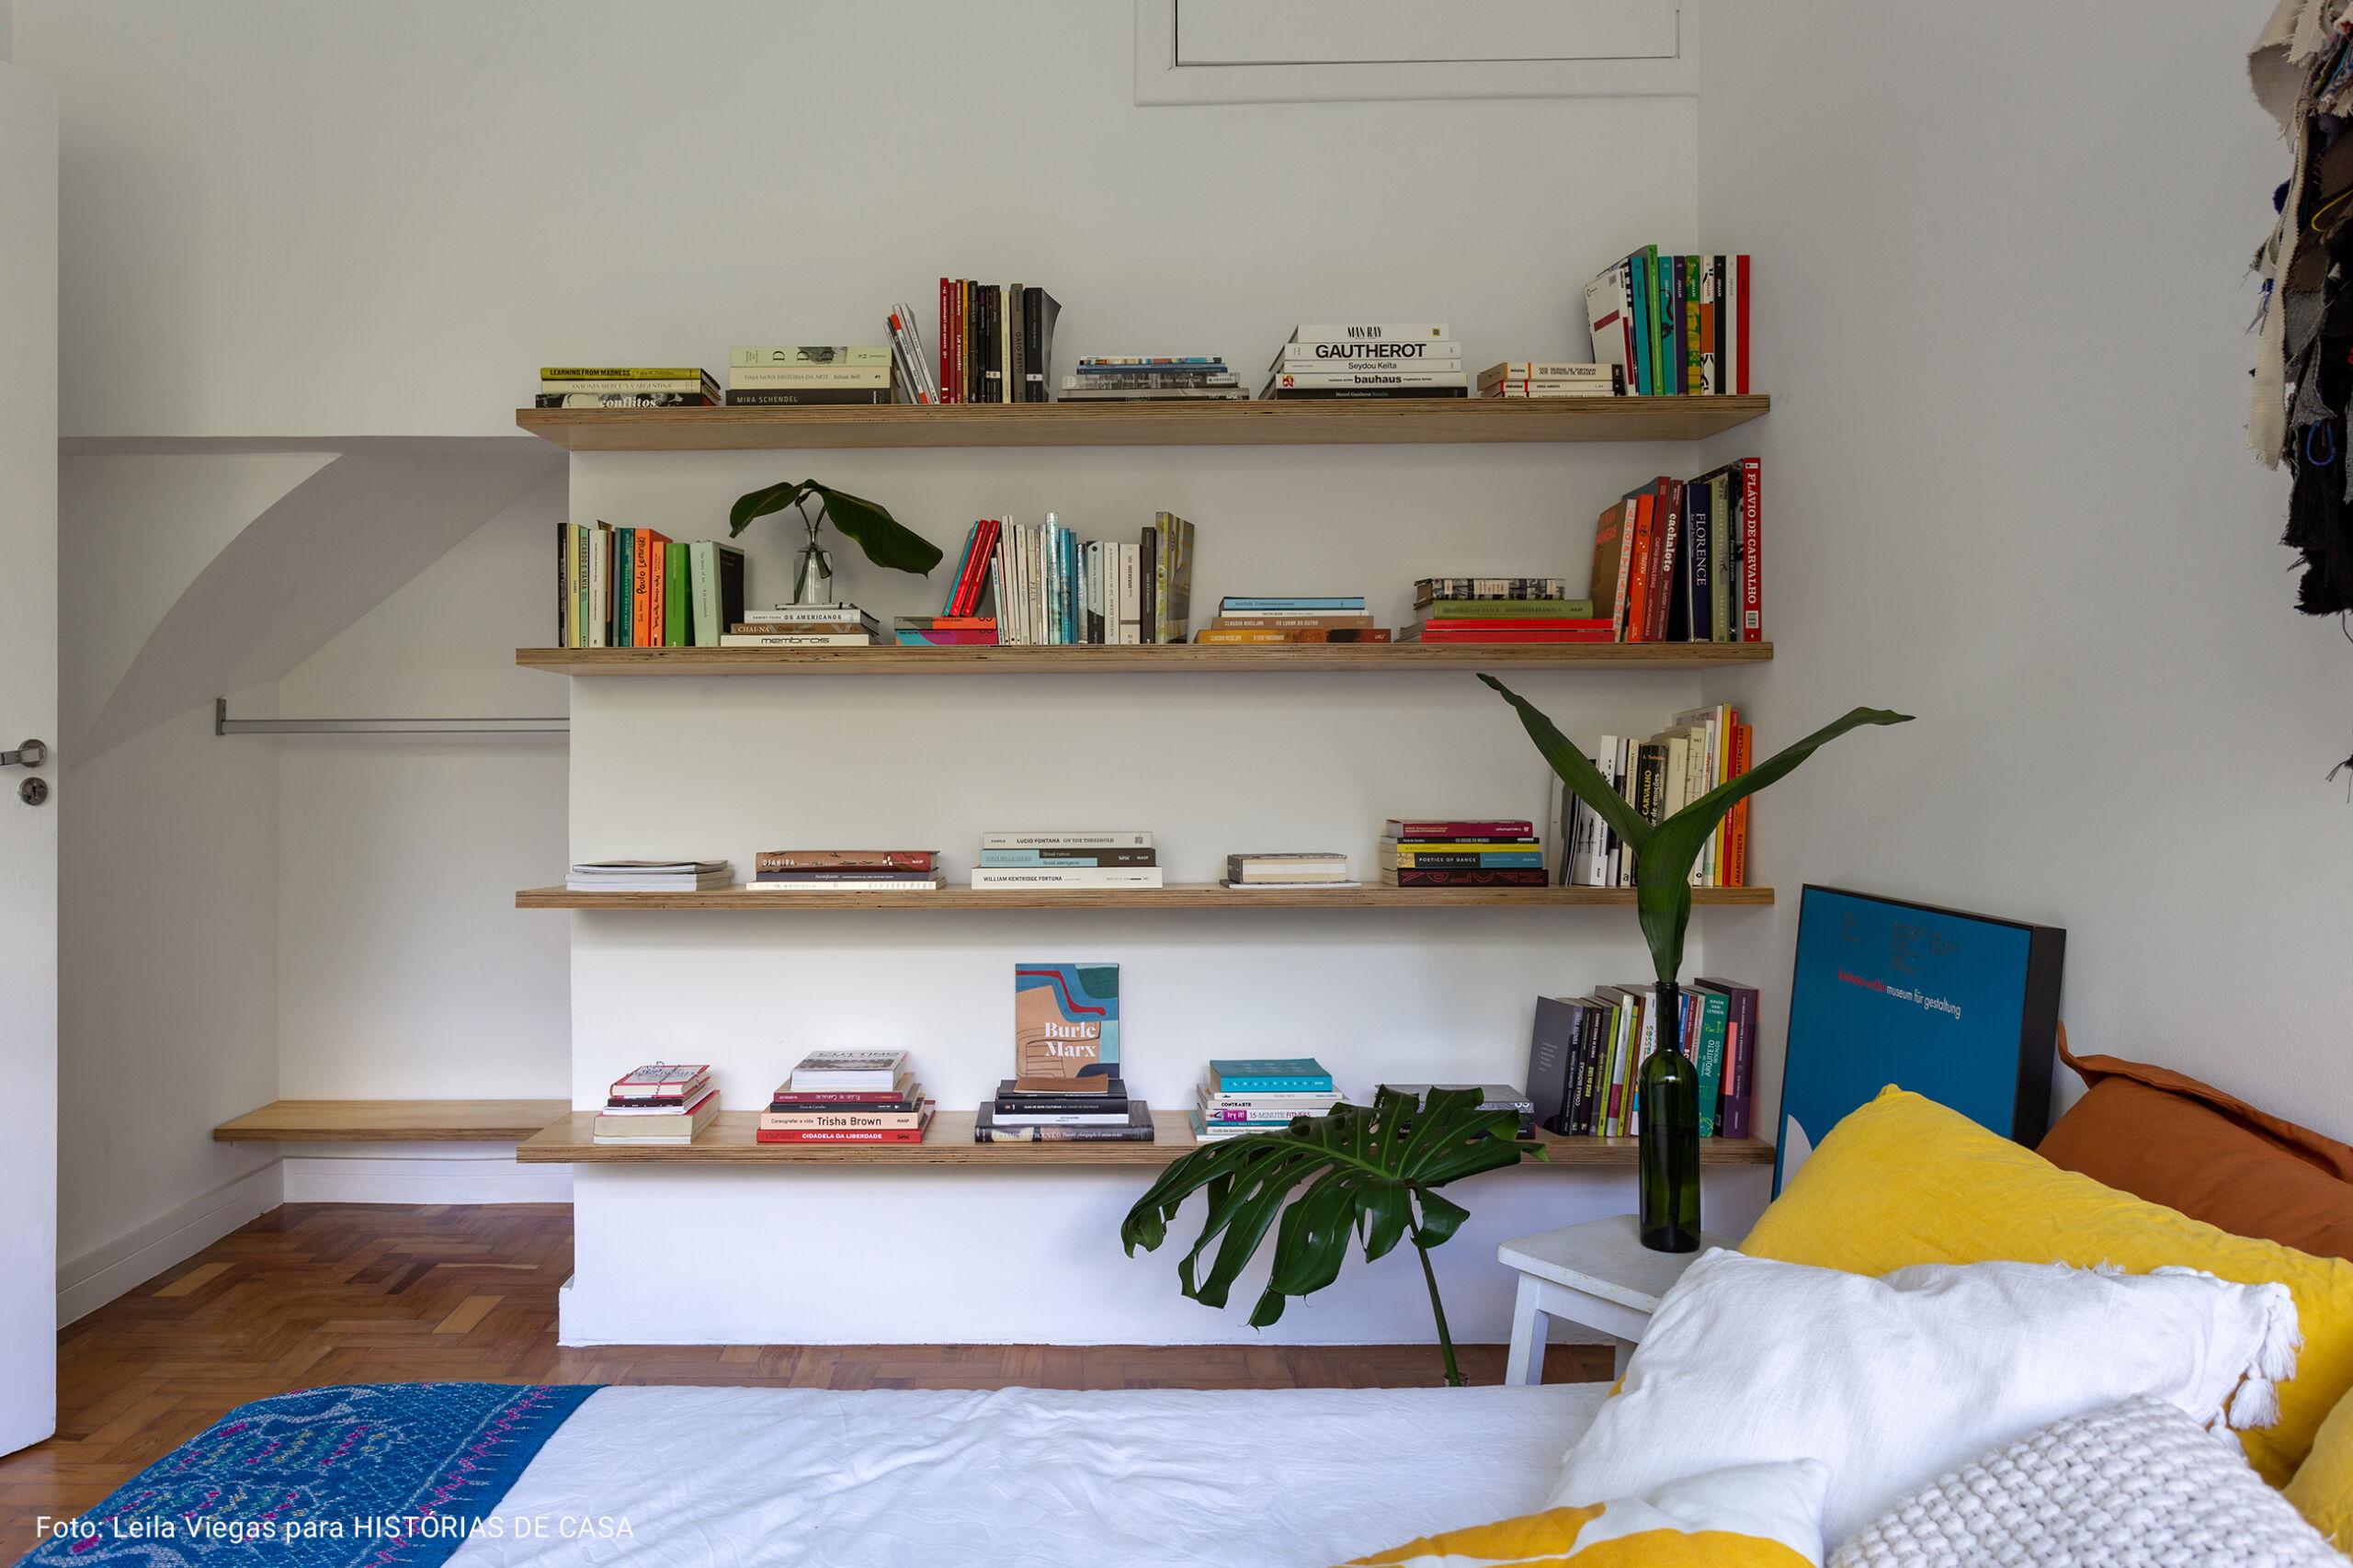 quarto com prateleiras de madeiras